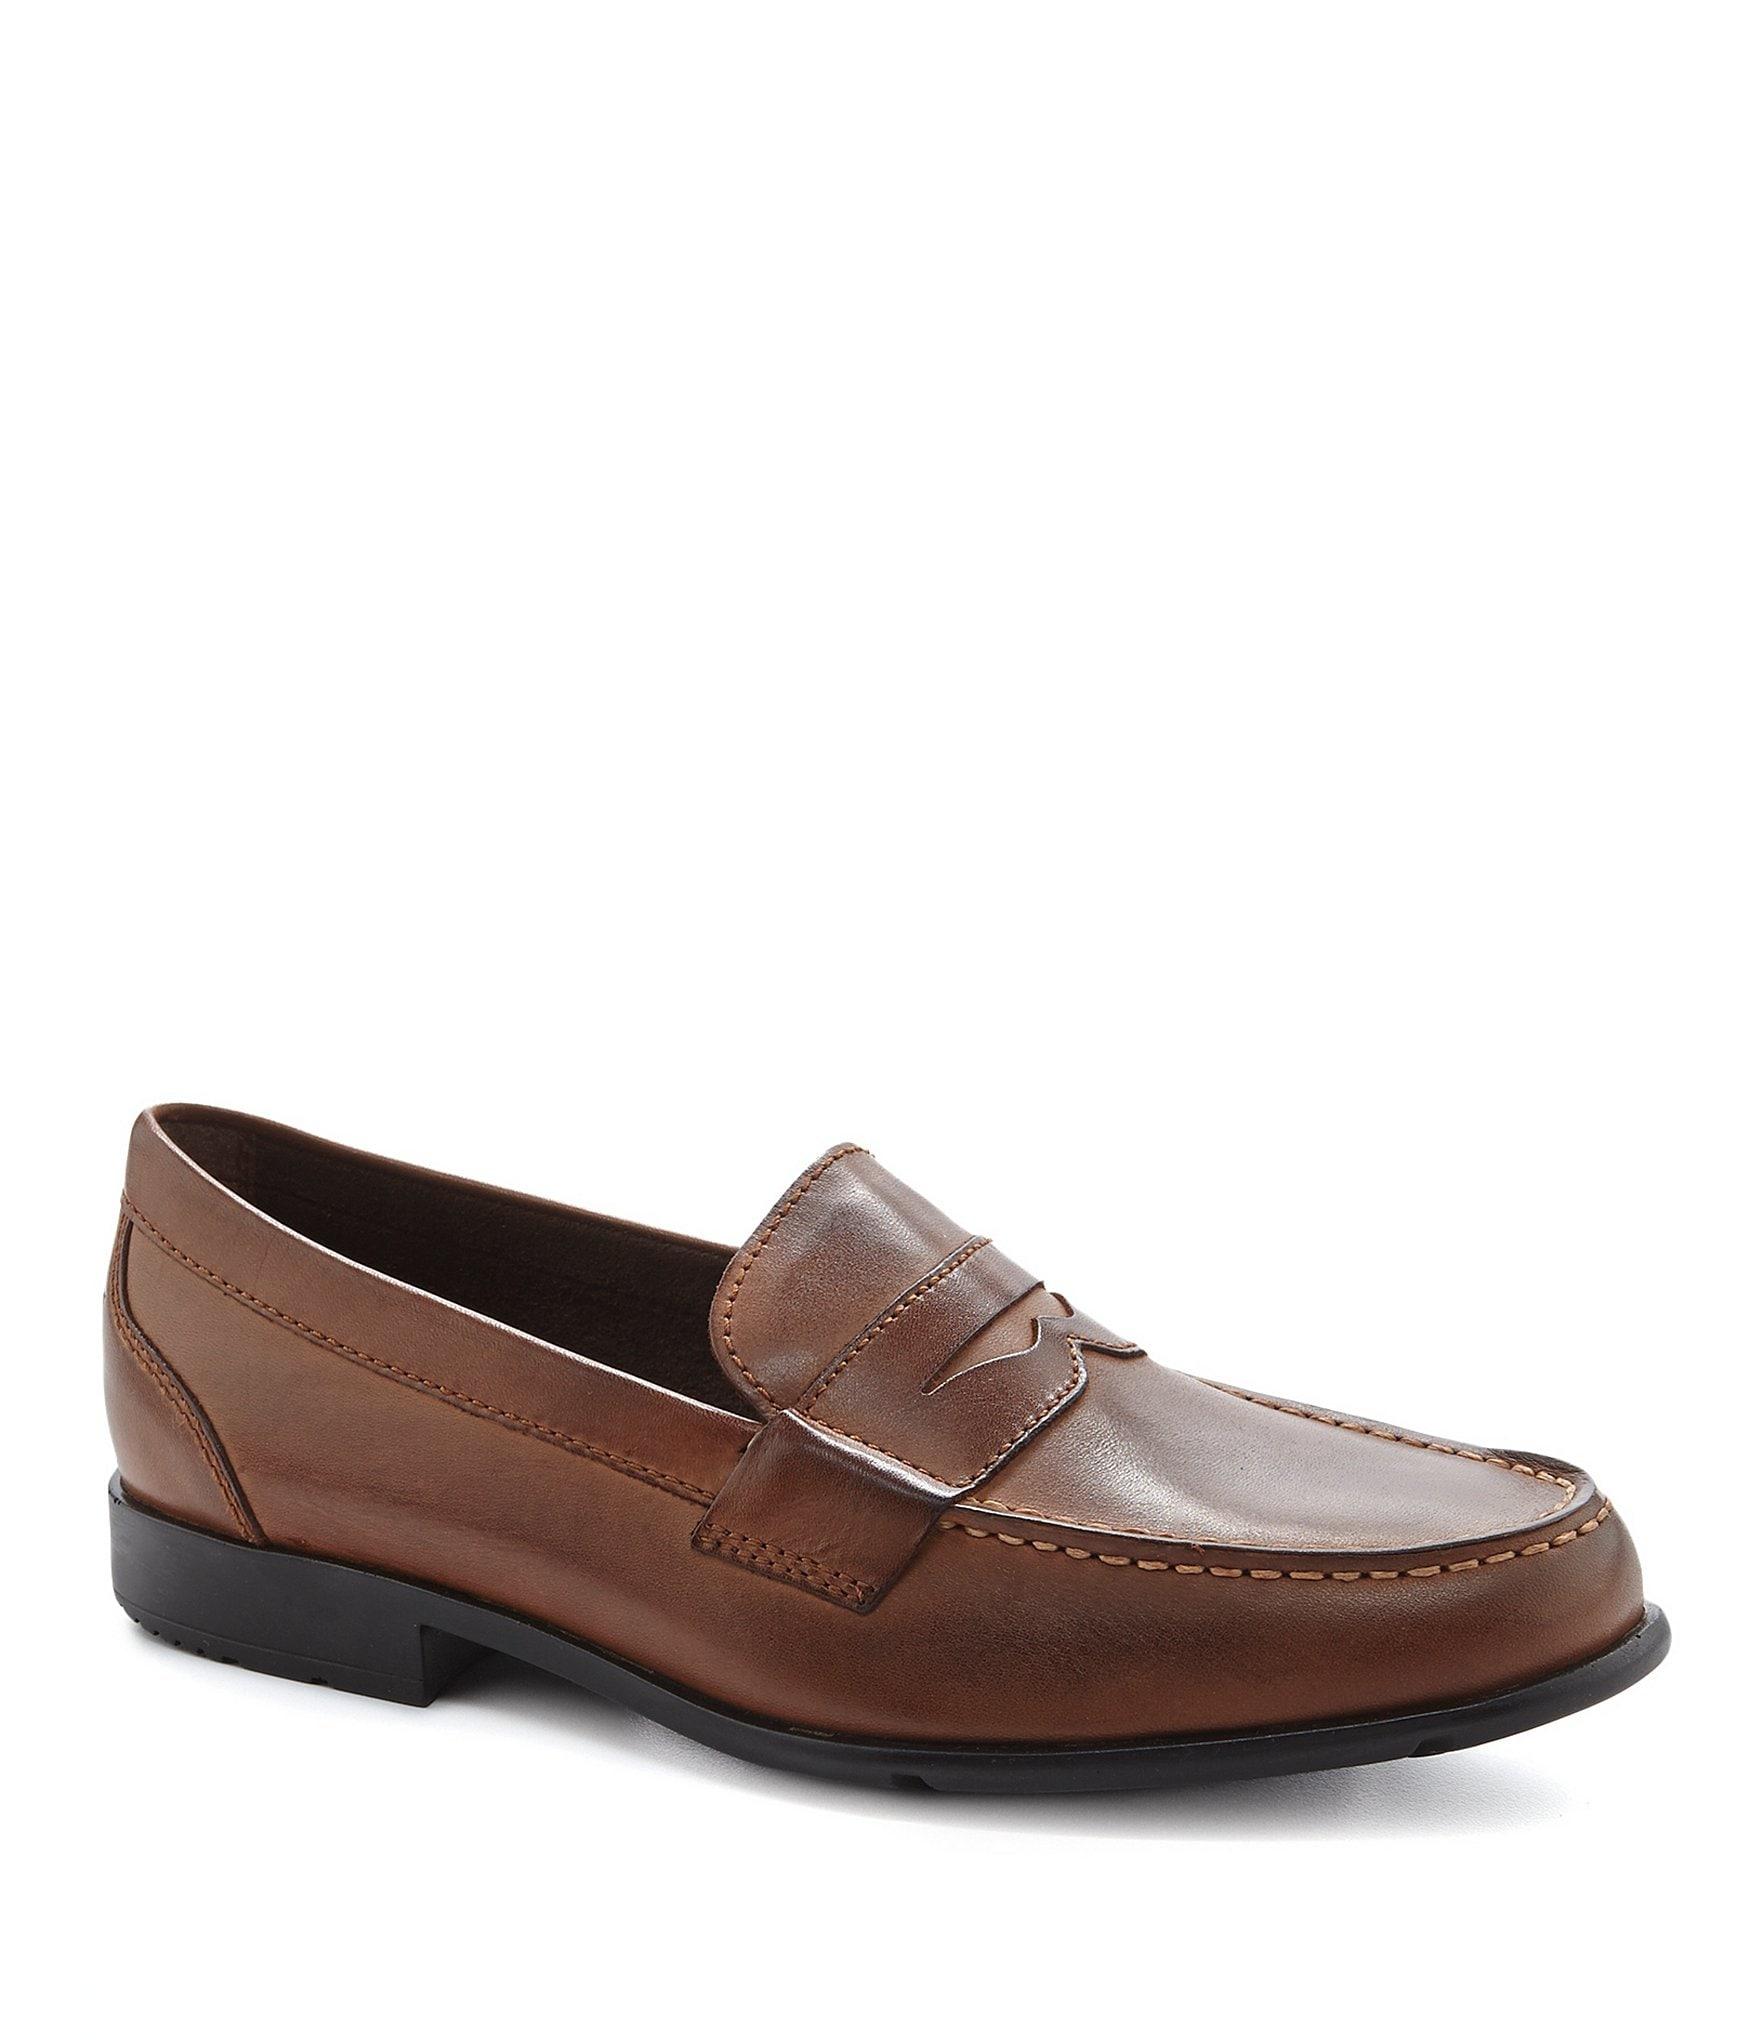 Rockport Mens Shoes Dillards